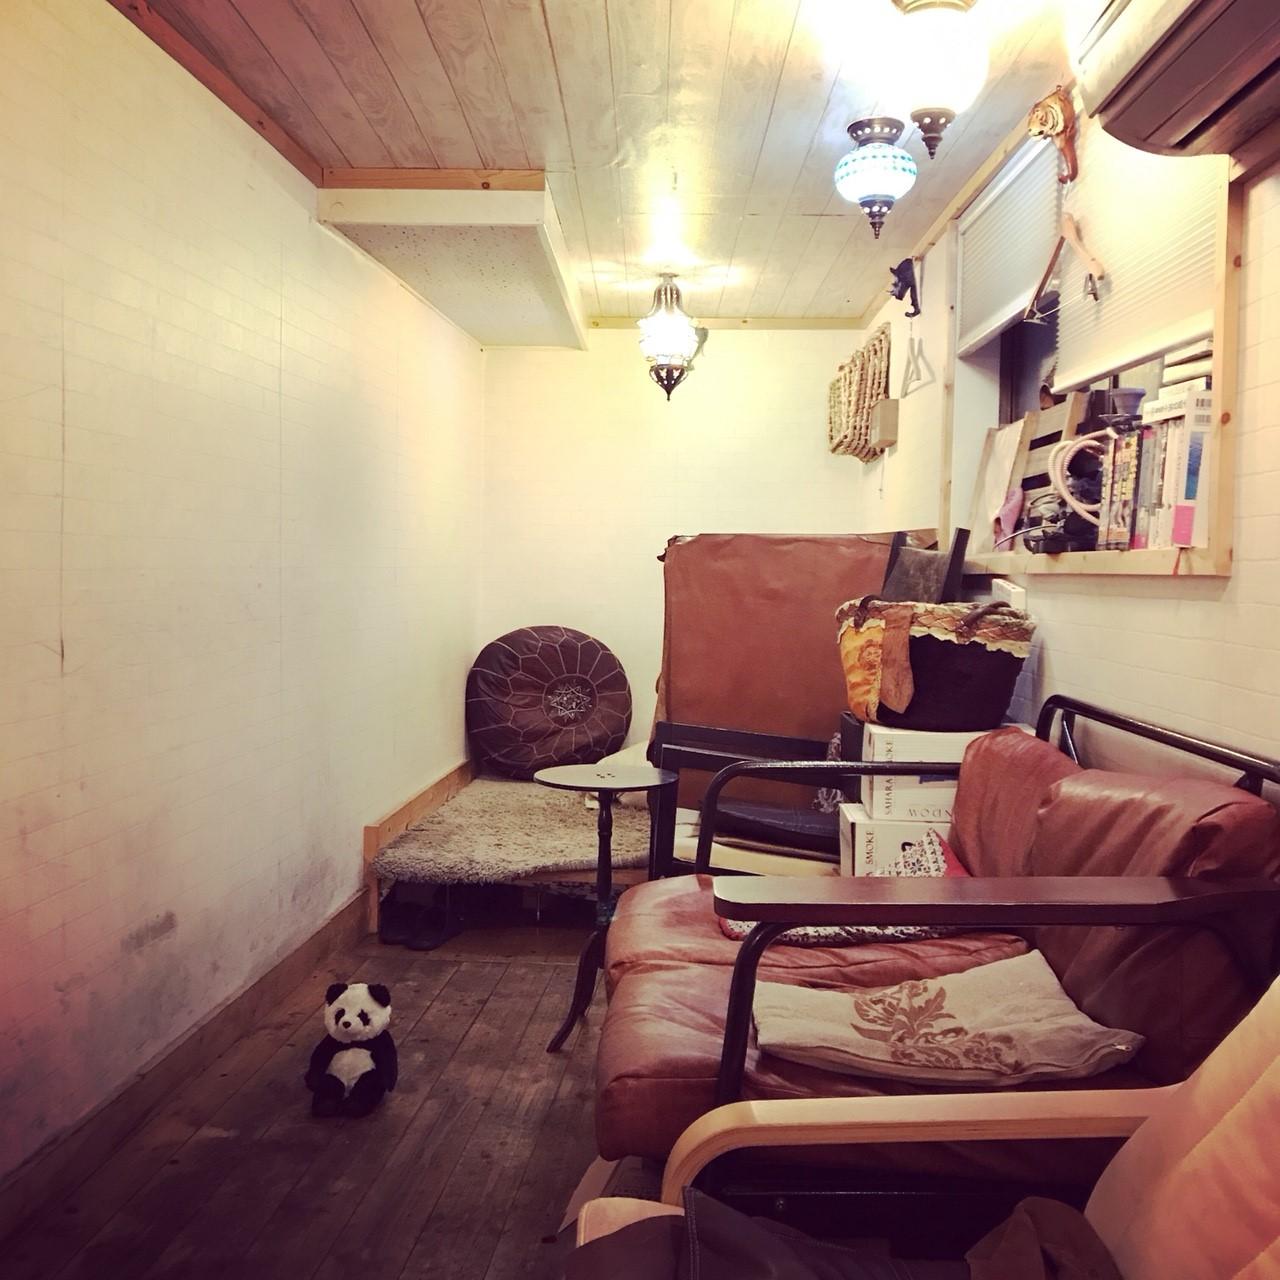 Shisha Cafe Ras梅田店 店内画像